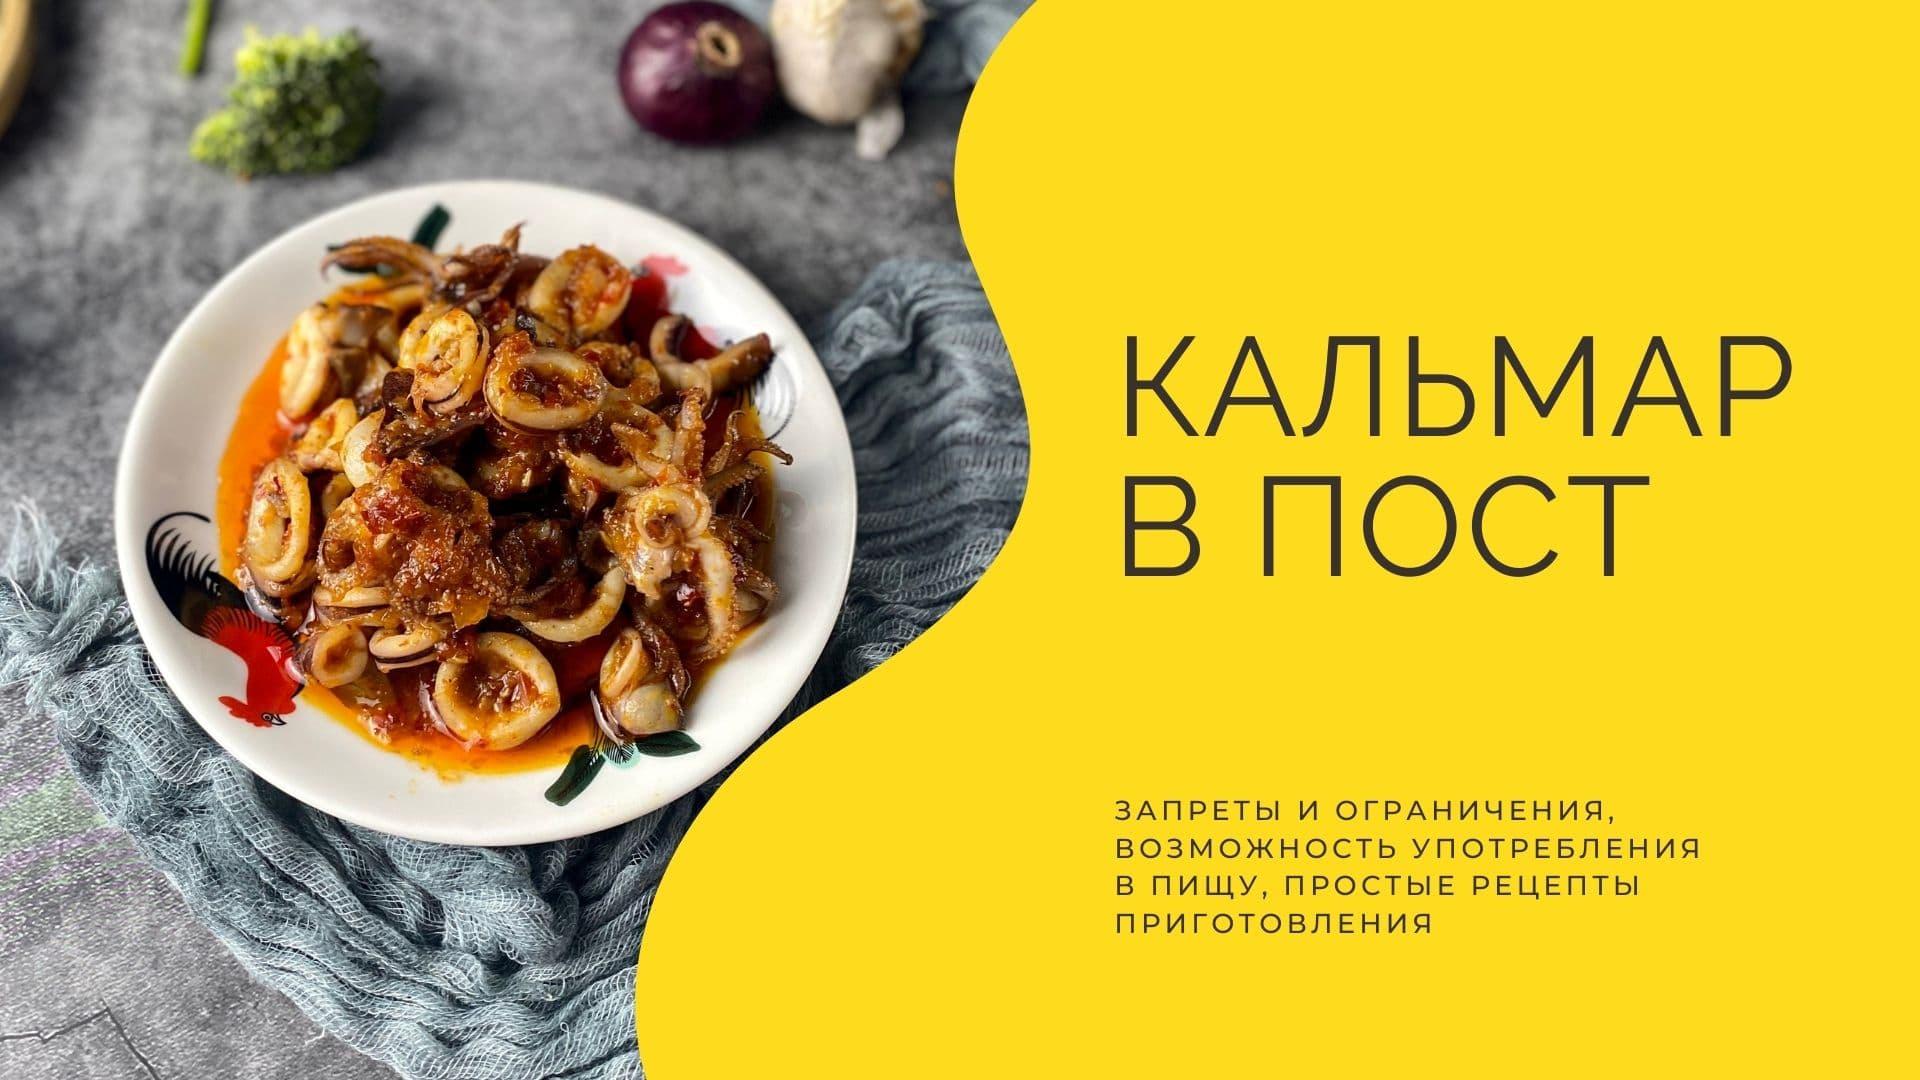 Кальмар в Пост: запреты и ограничения, возможность употребления в пищу, простые рецепты приготовления